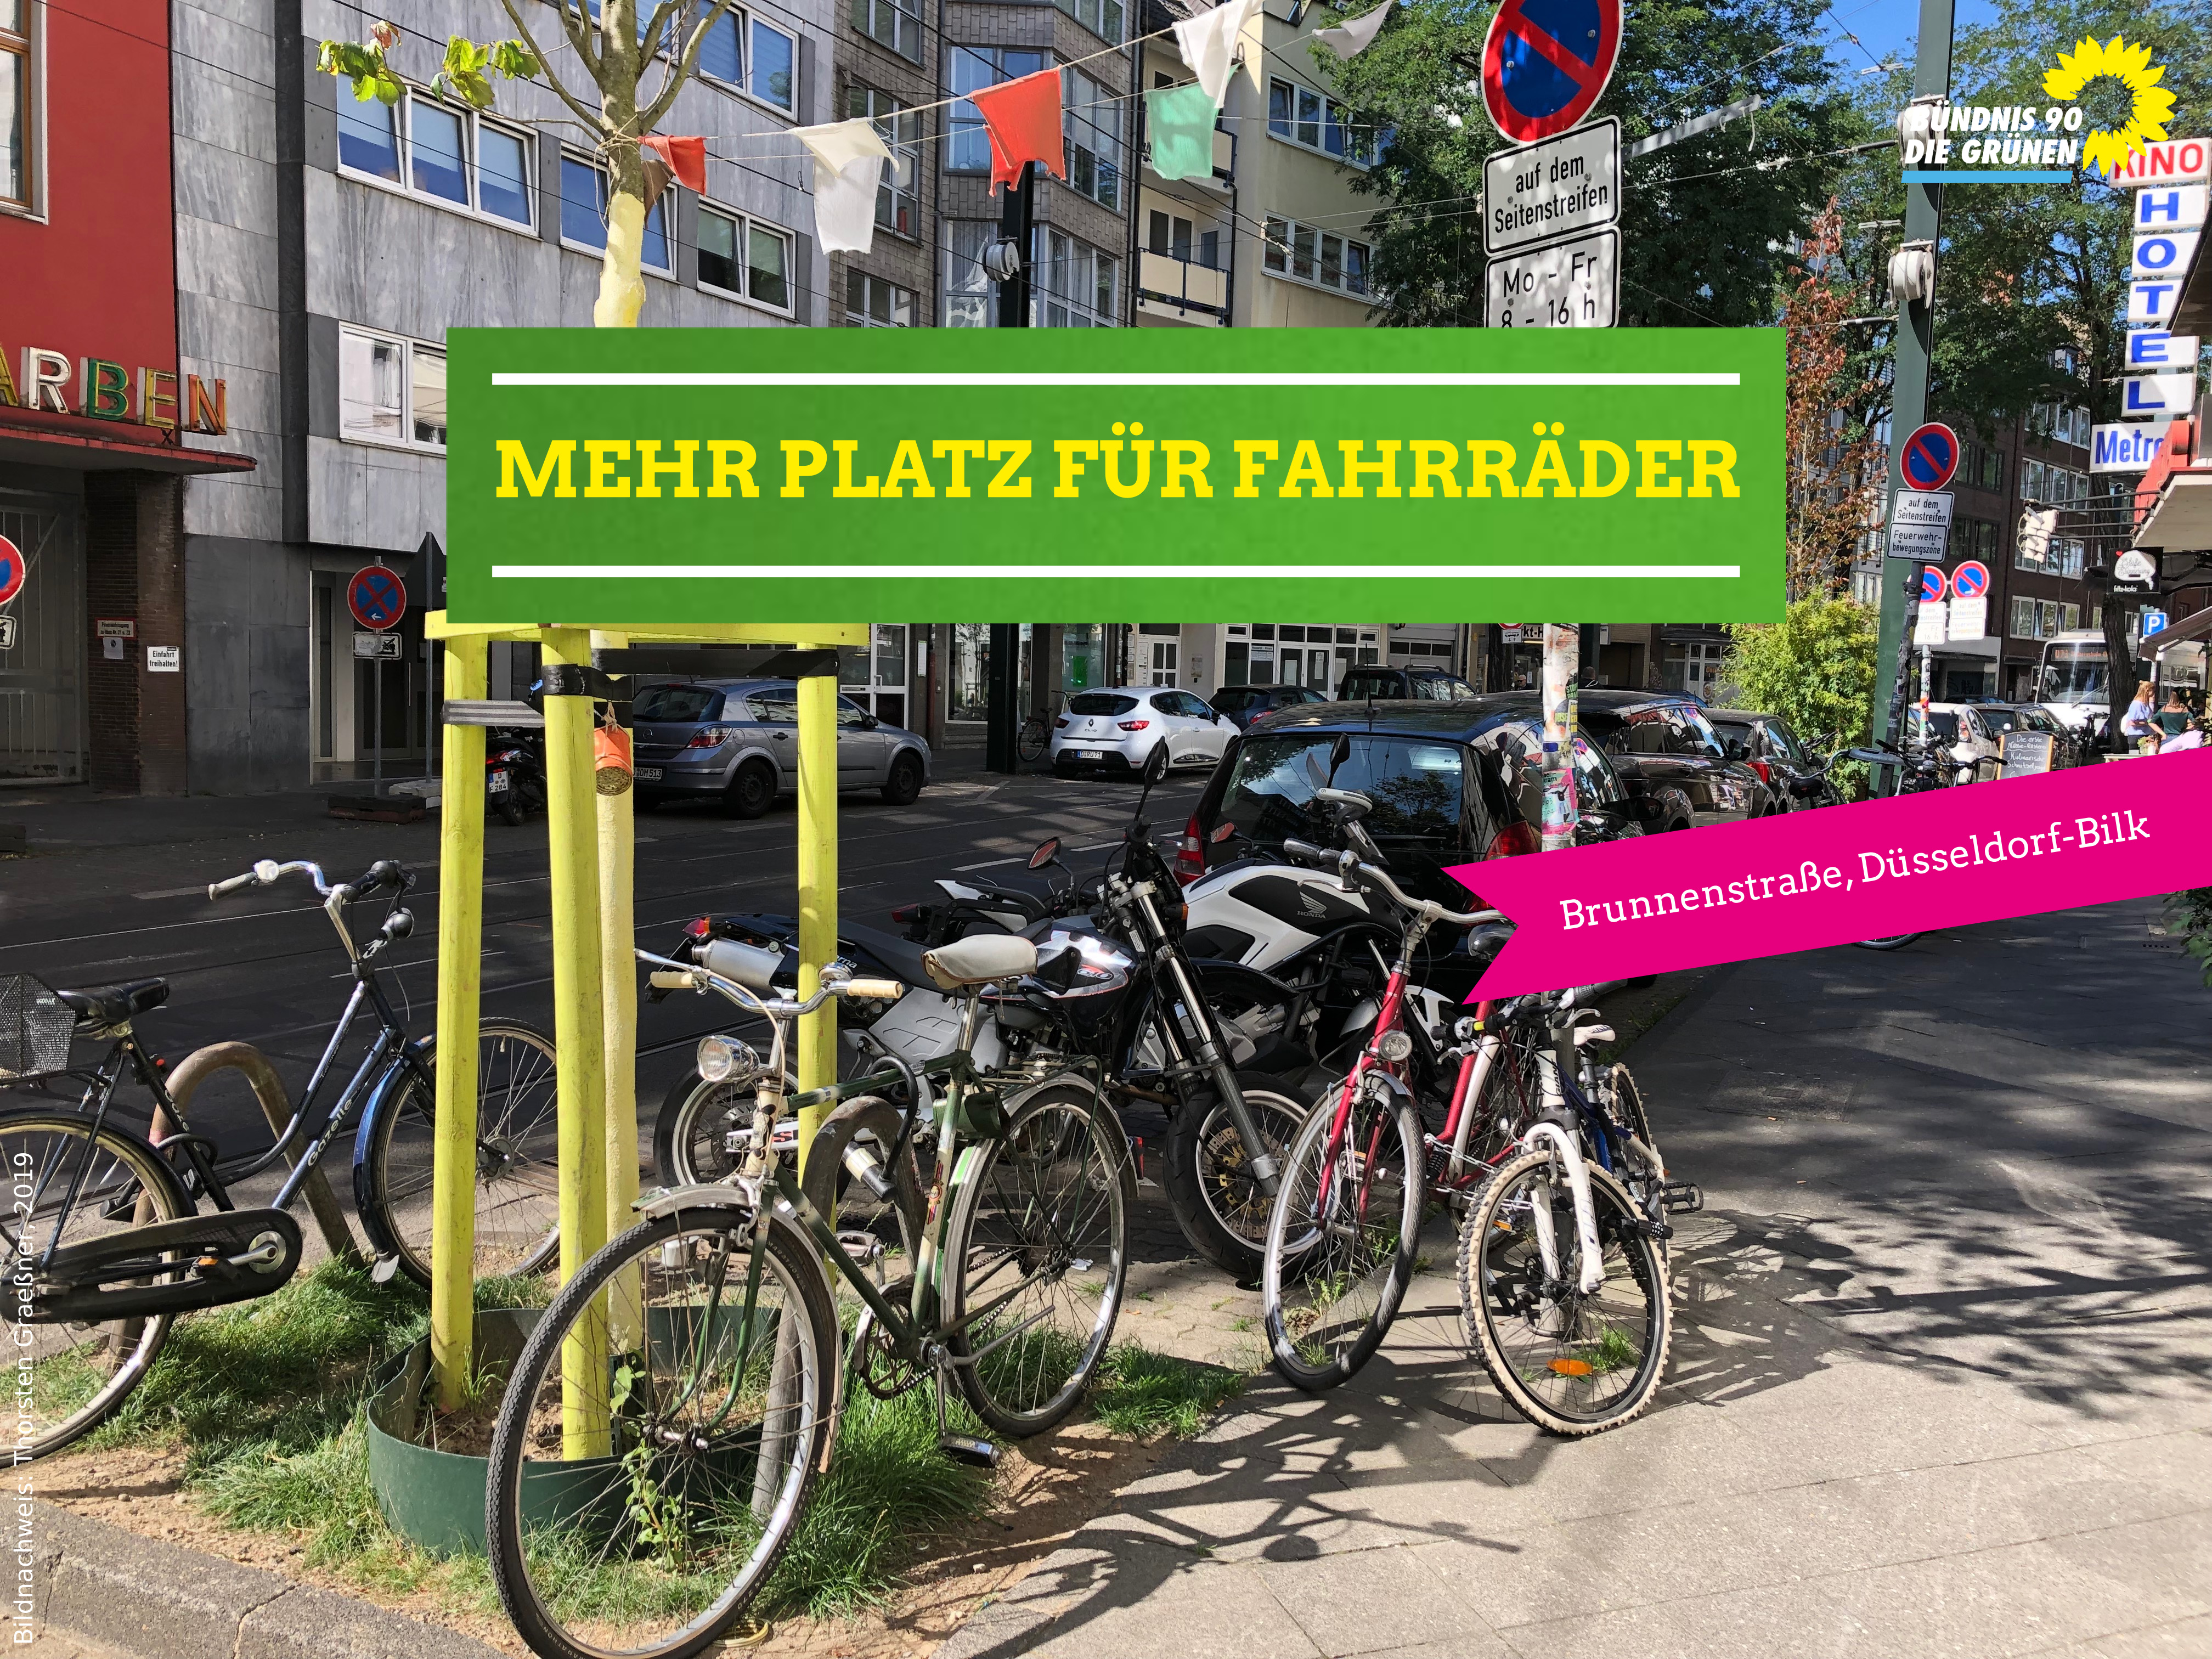 Brunnenstraße Fahrradabstellanlegen